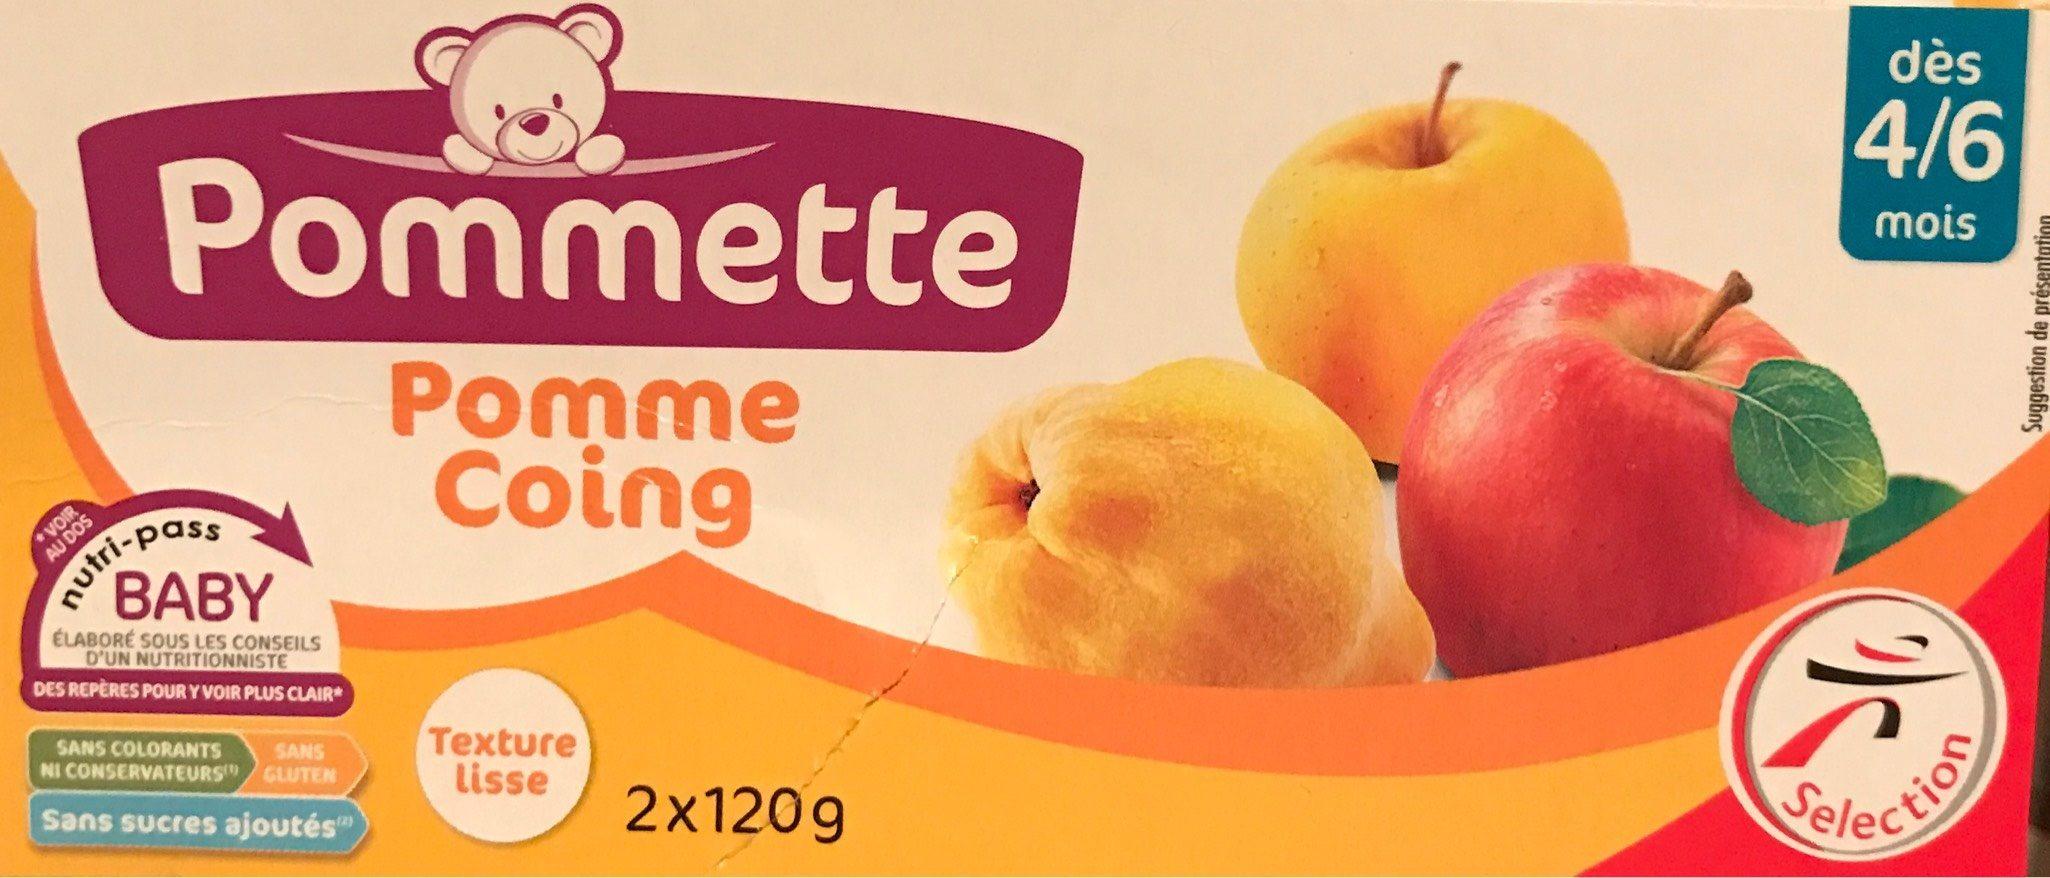 Purée pomme coing, dès 4/6 mois - Produit